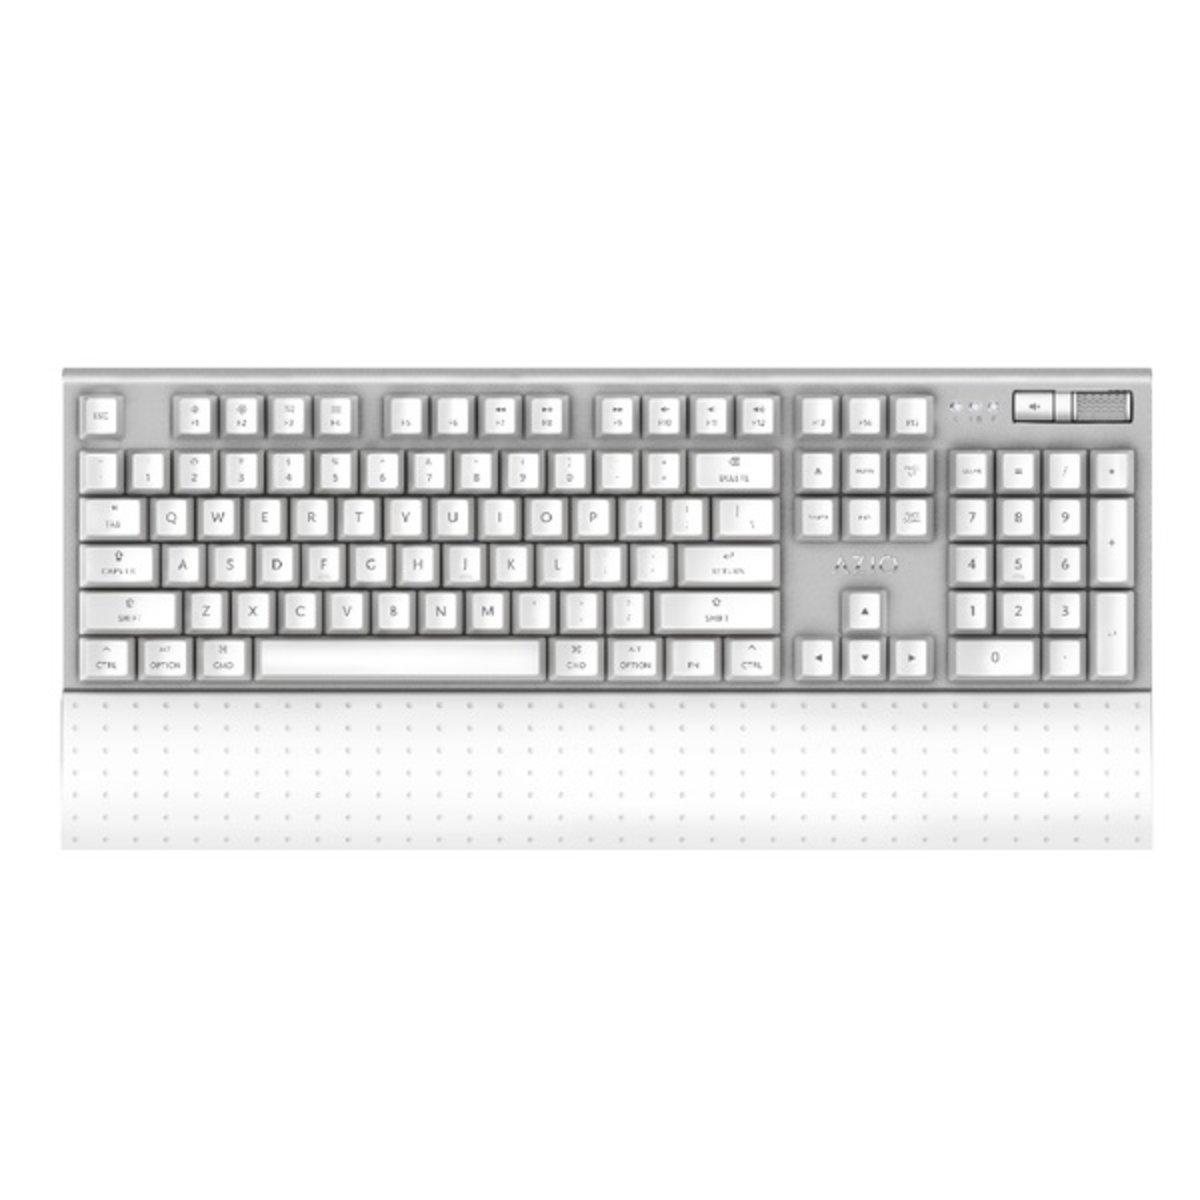 MK MAC BT 茶軸 機械式鍵盤